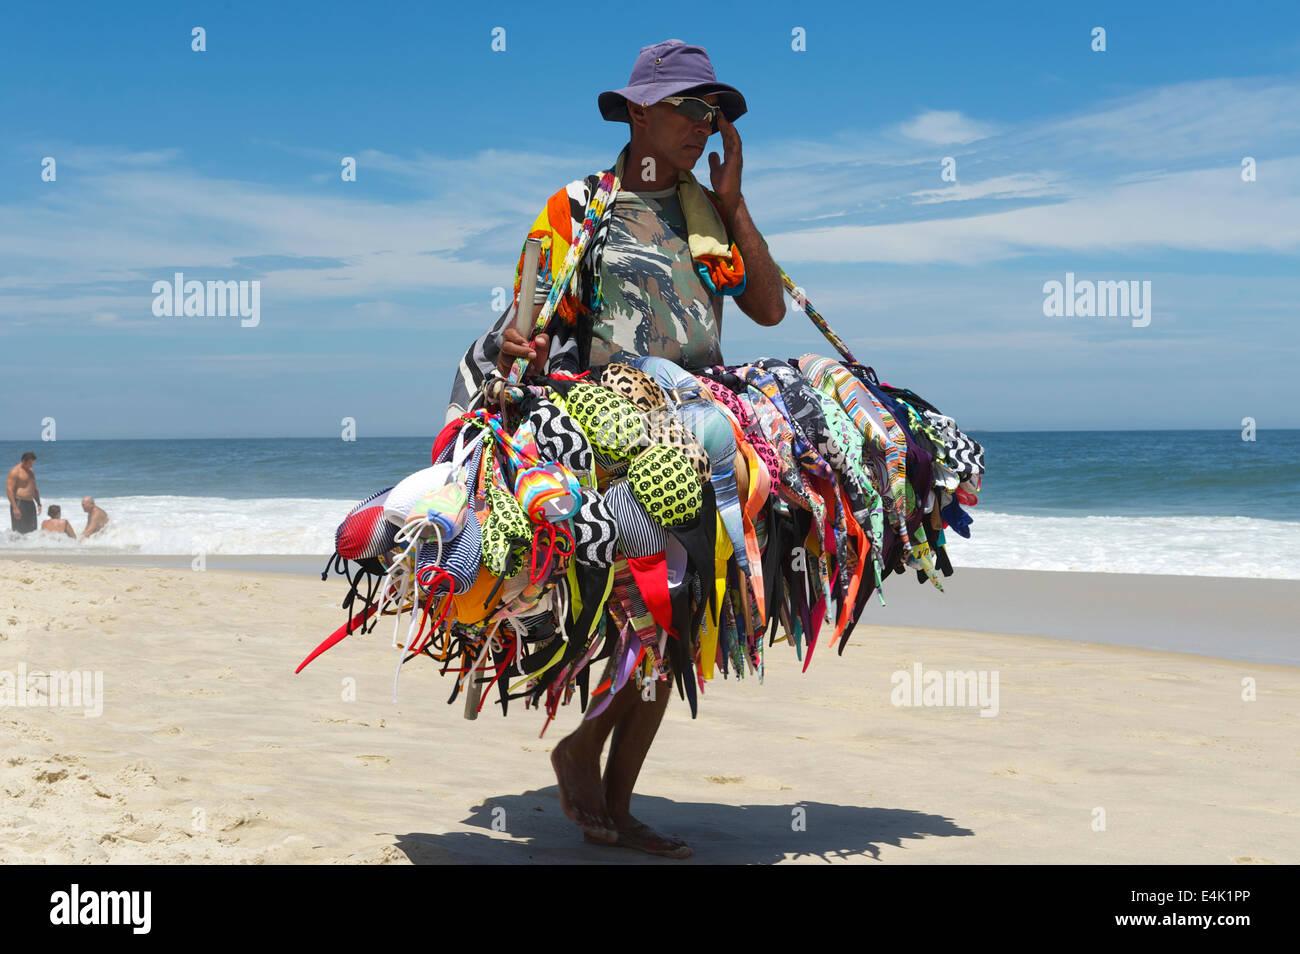 RIO DE JANEIRO, BRASILE - marzo, 2013: una spiaggia venditore a vendere bikini porta la sua merce lungo la spiaggia Immagini Stock